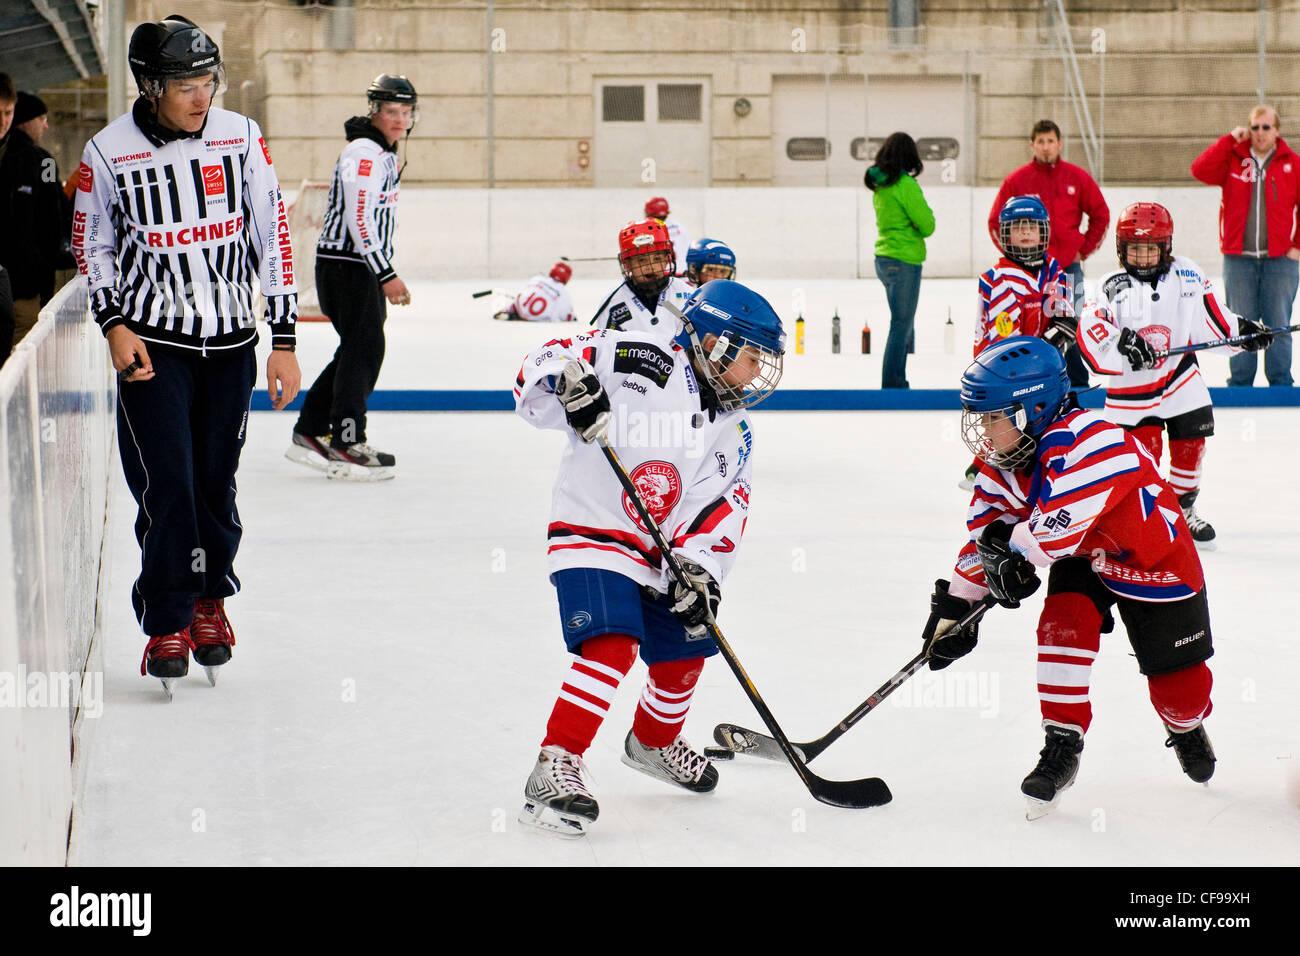 Jeu de hockey sur glace, Sonogno, Suisse Photo Stock